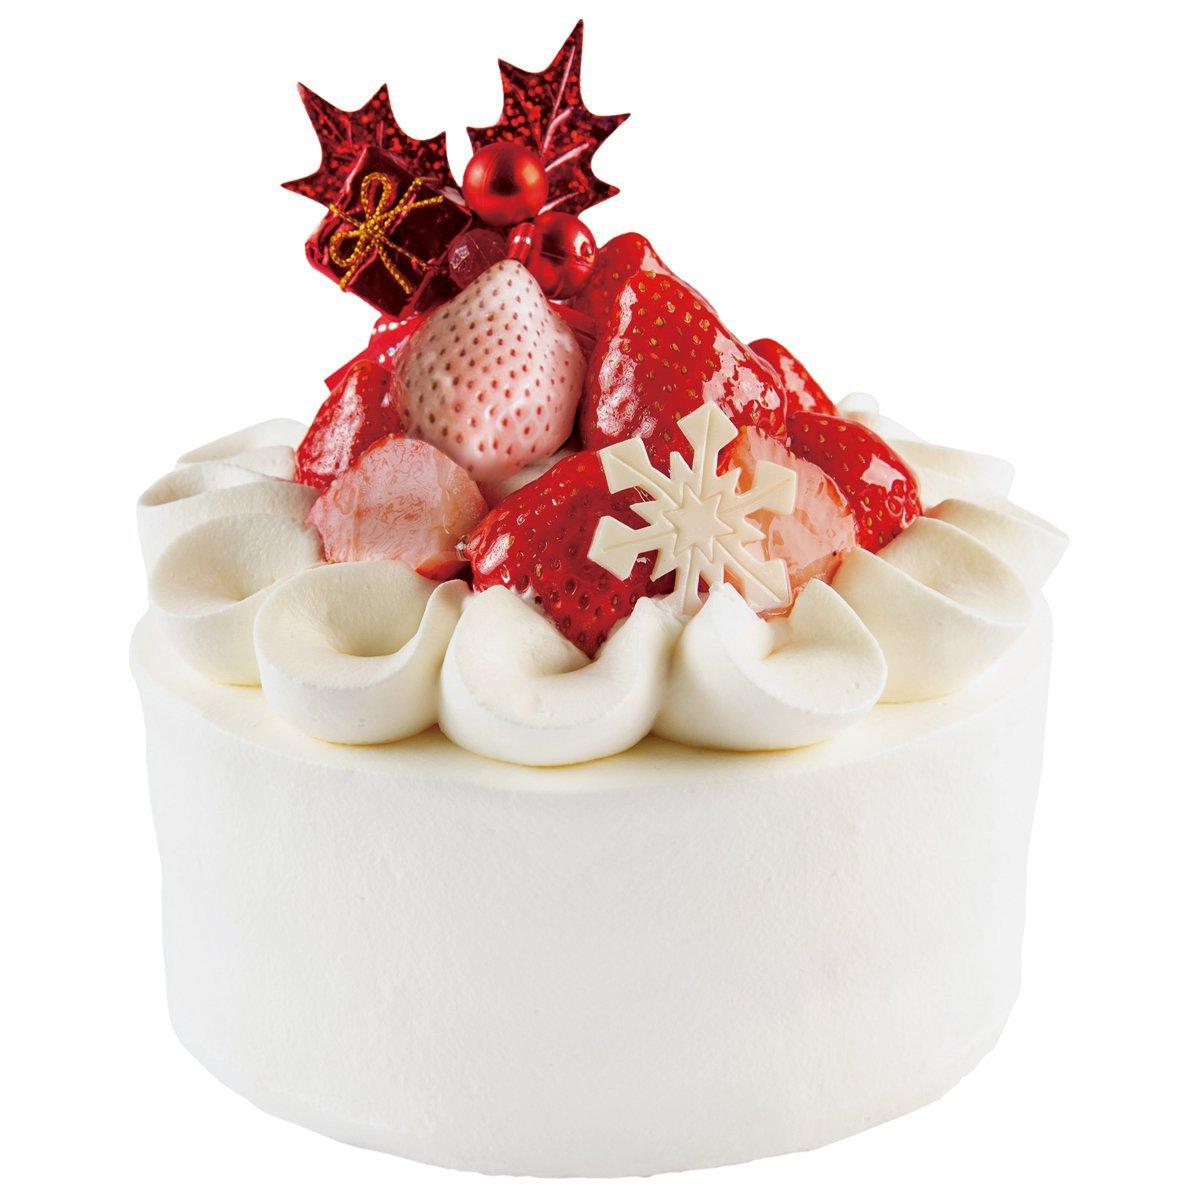 モンシェール,クリスマスショートケーキ